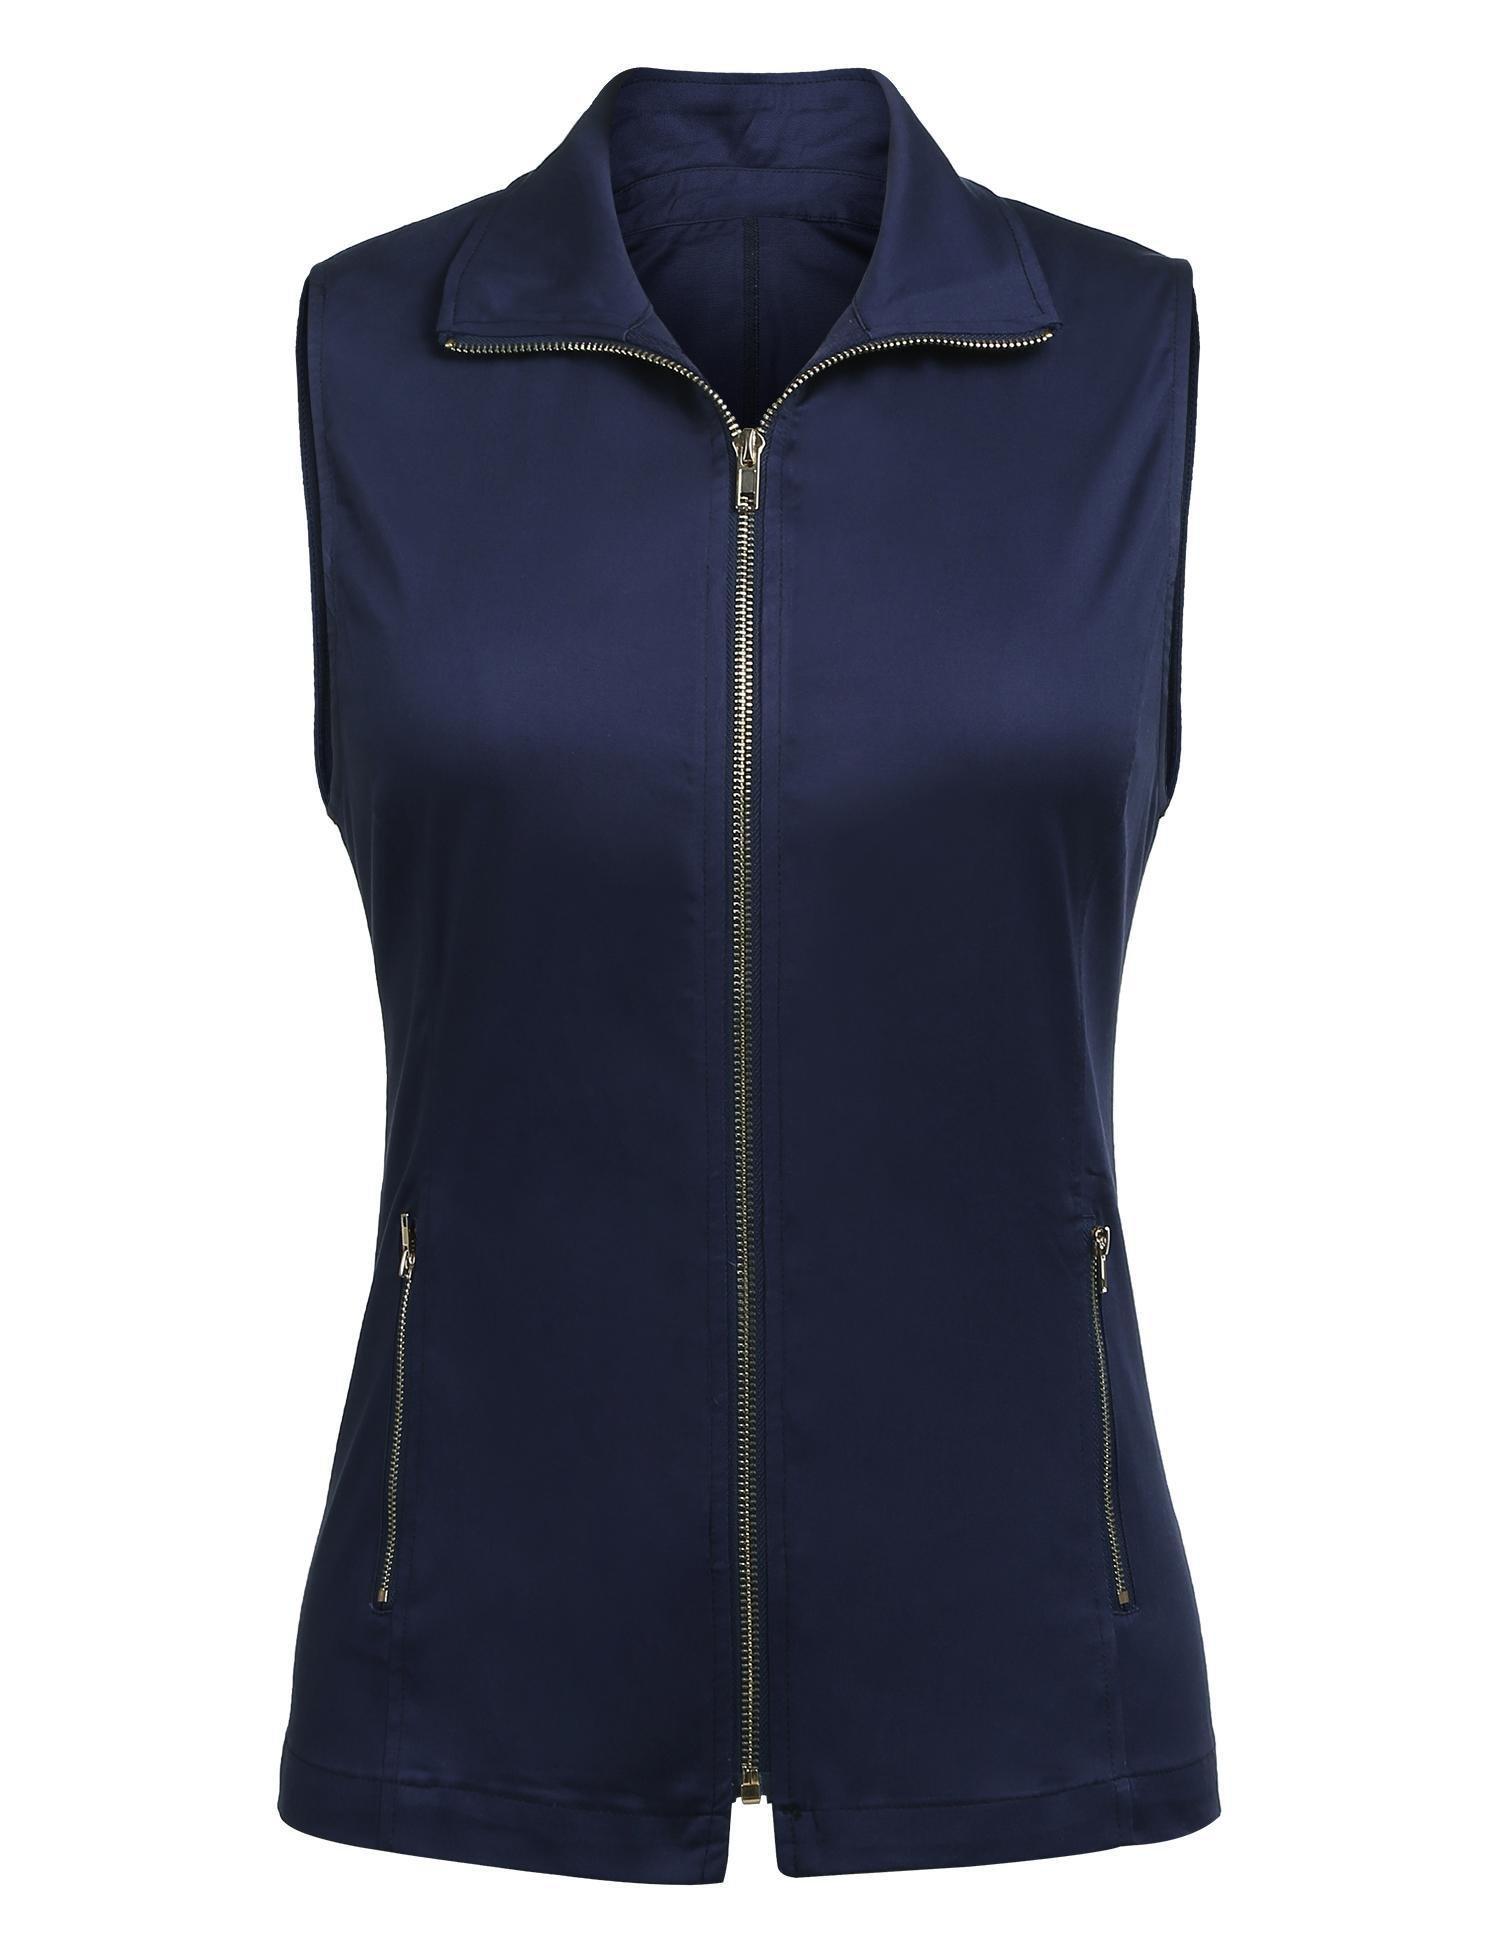 Dealwell Women Outdoor Lightweight Sleeveless Zip Up Turn Down Vest Jacket Outerwear (Navy L) by Dealwell